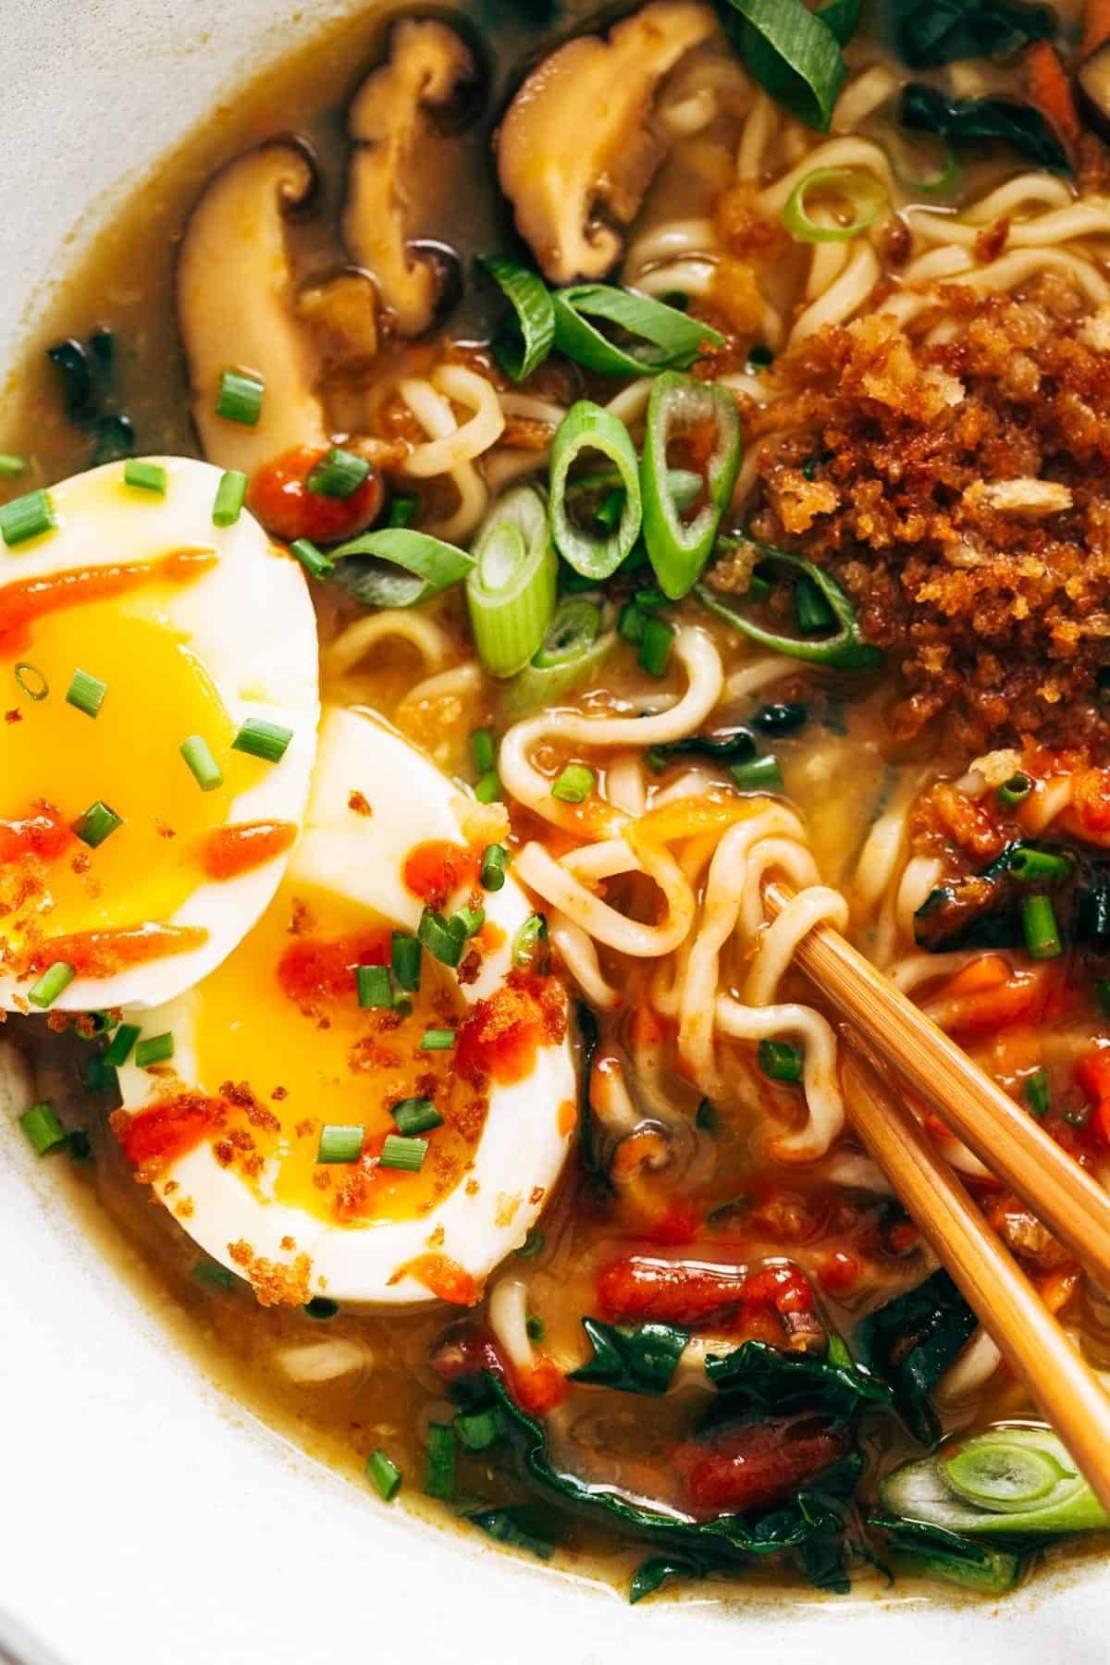 Close-up image of Quick Homemade Ramen with chopsticks and a soft egg.